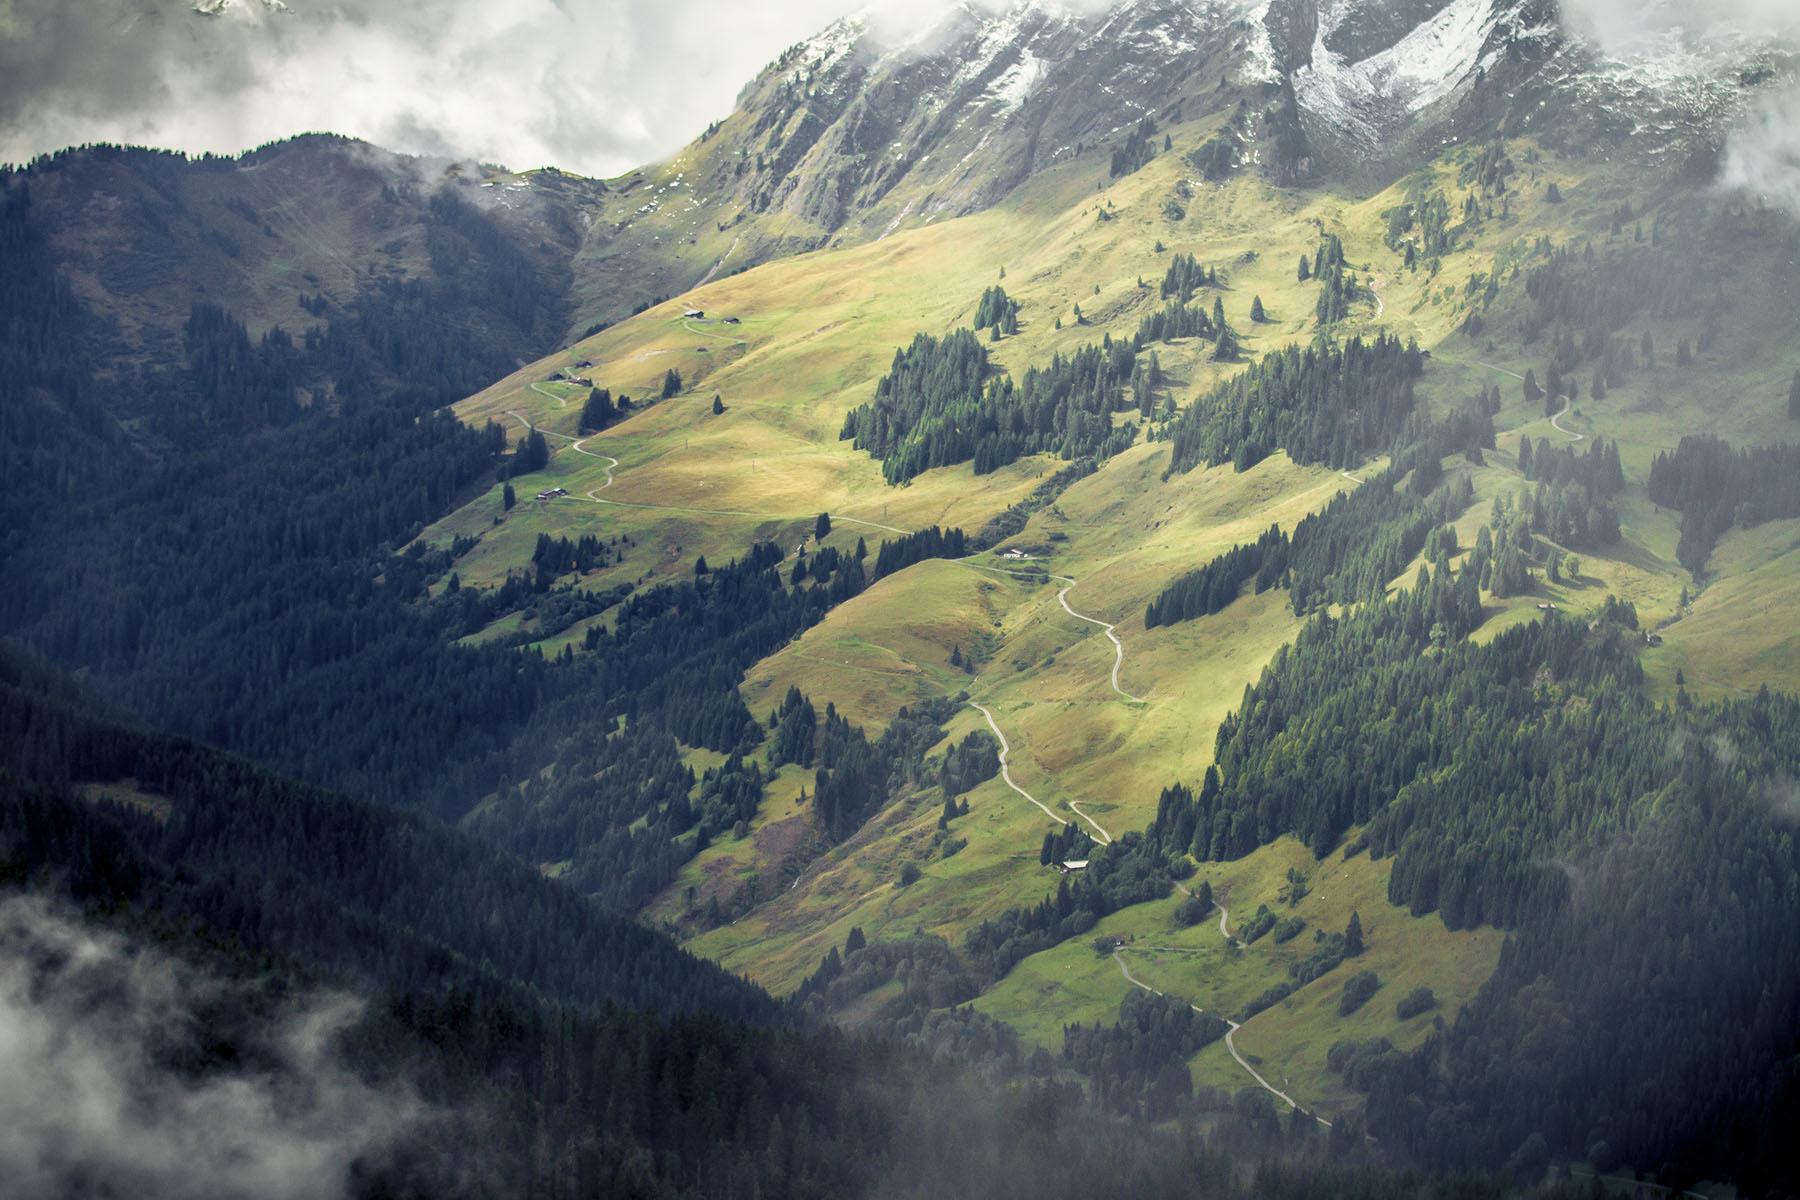 Der Sommer hat sich zwar etwas zurück gezogen, aber das Alpen-Panorama mit den schneebdeckten Bergen und dem Wolkendunst ist schon ziemlich imposant.